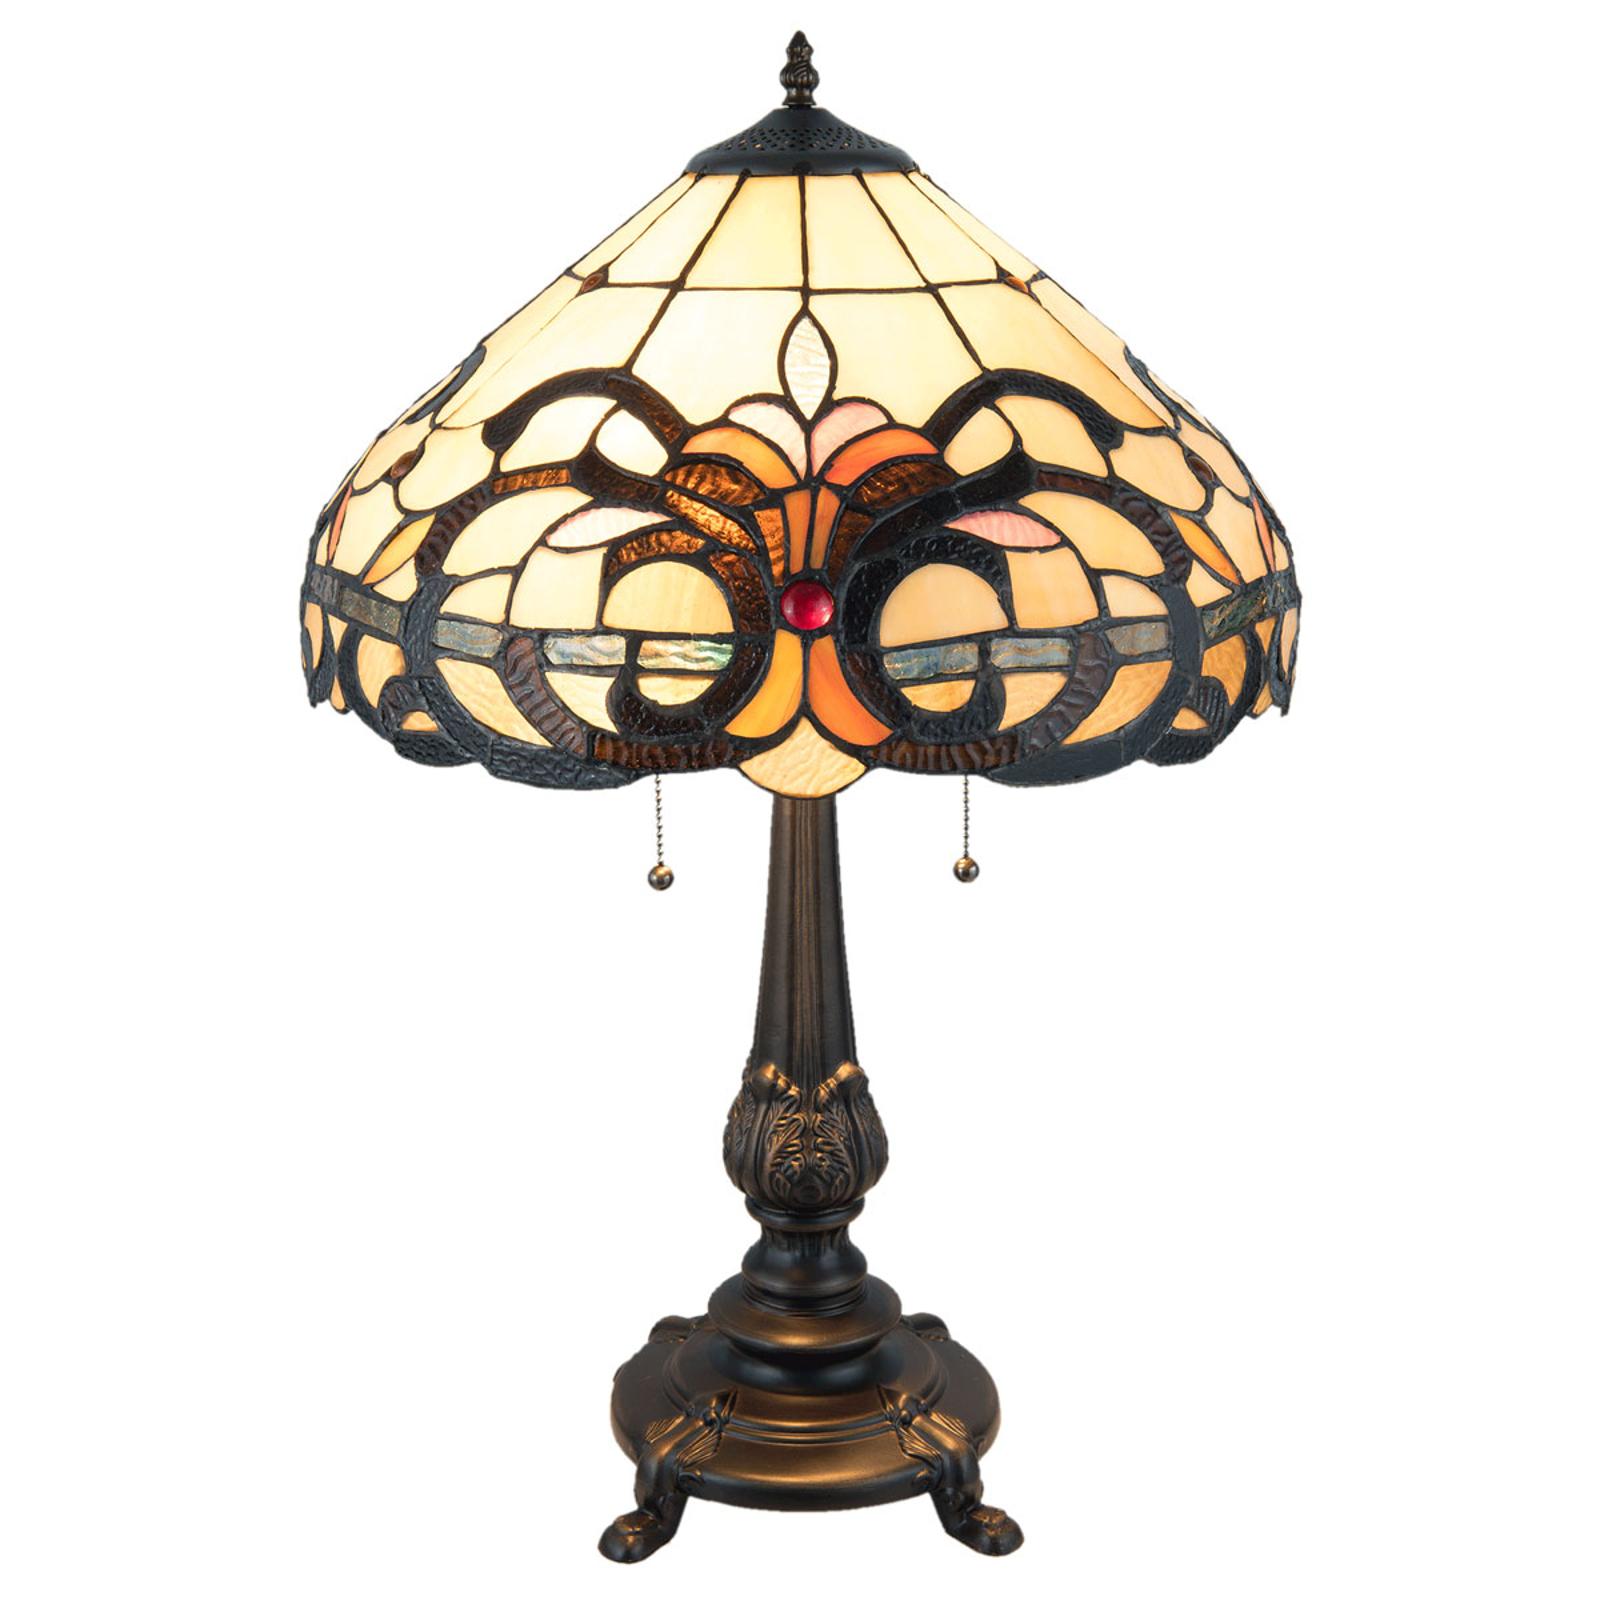 Tischleuchte 5924 mit Glasschirm im Tiffany-Stil